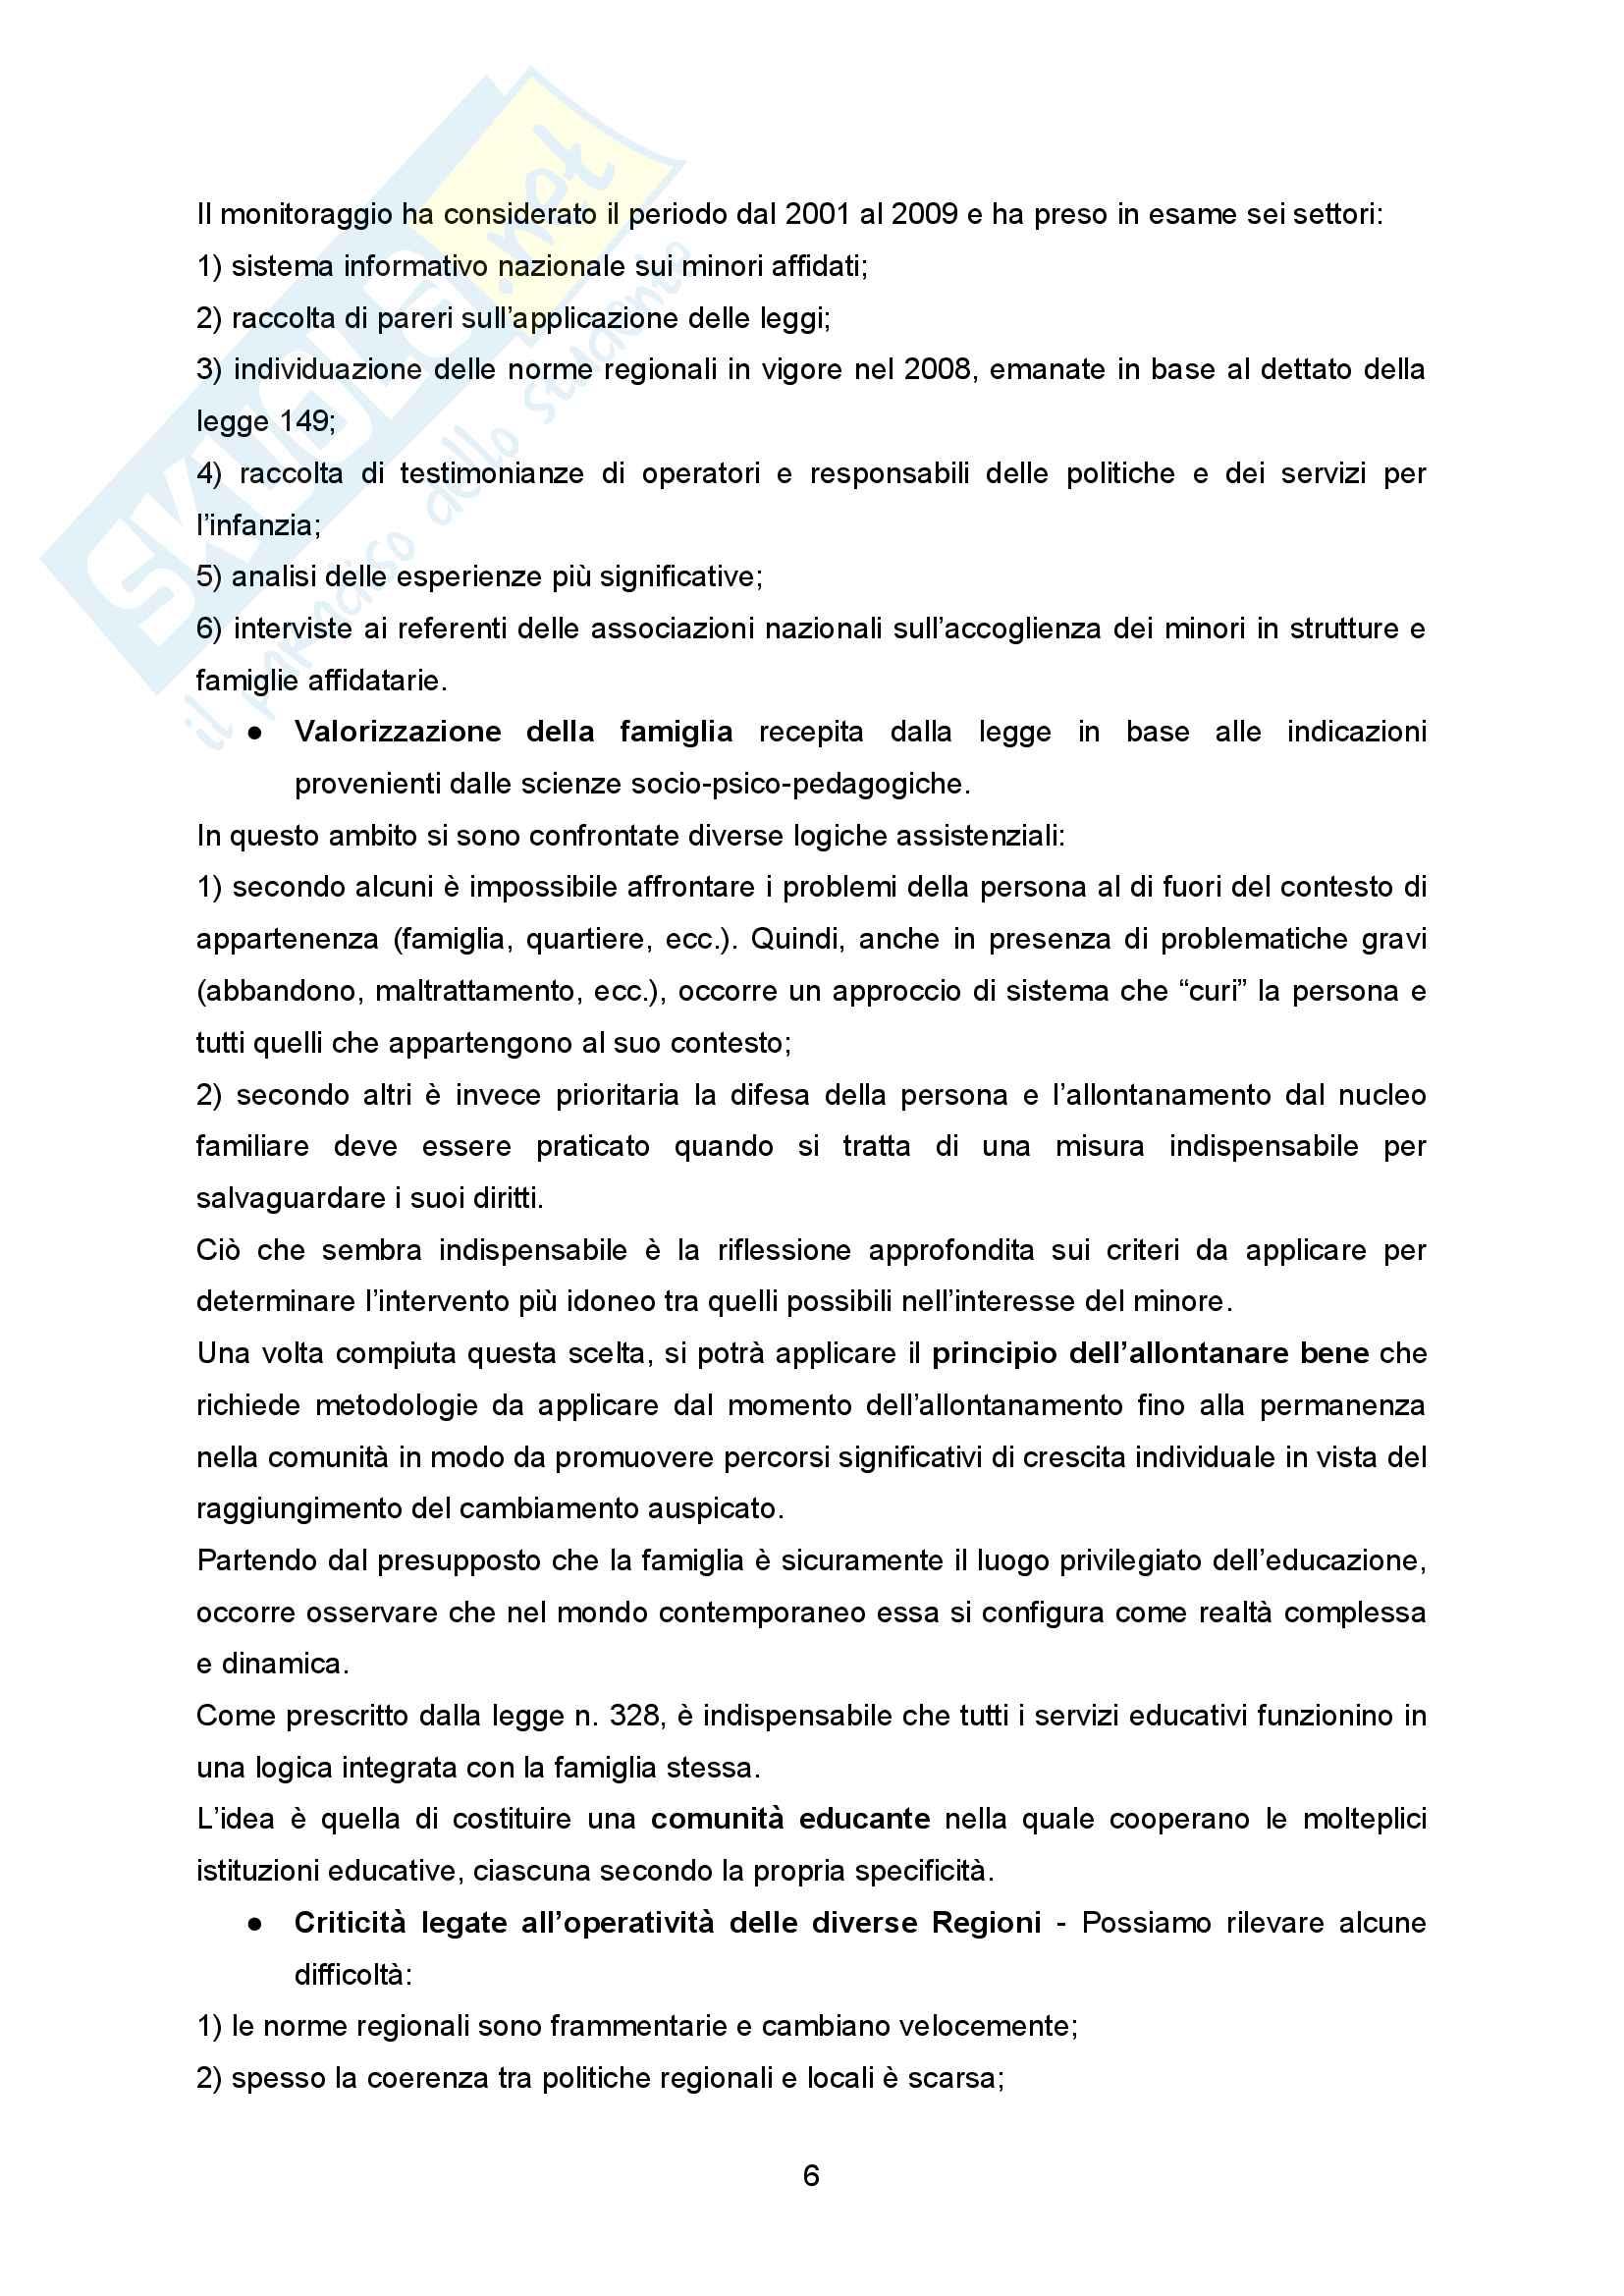 """Sunto Pedagogia dell'adolescenza, prof Barone libro consigliato """"La comunità per minori - Un modello pedagogico"""" di Alessandra Tibollo Pag. 6"""